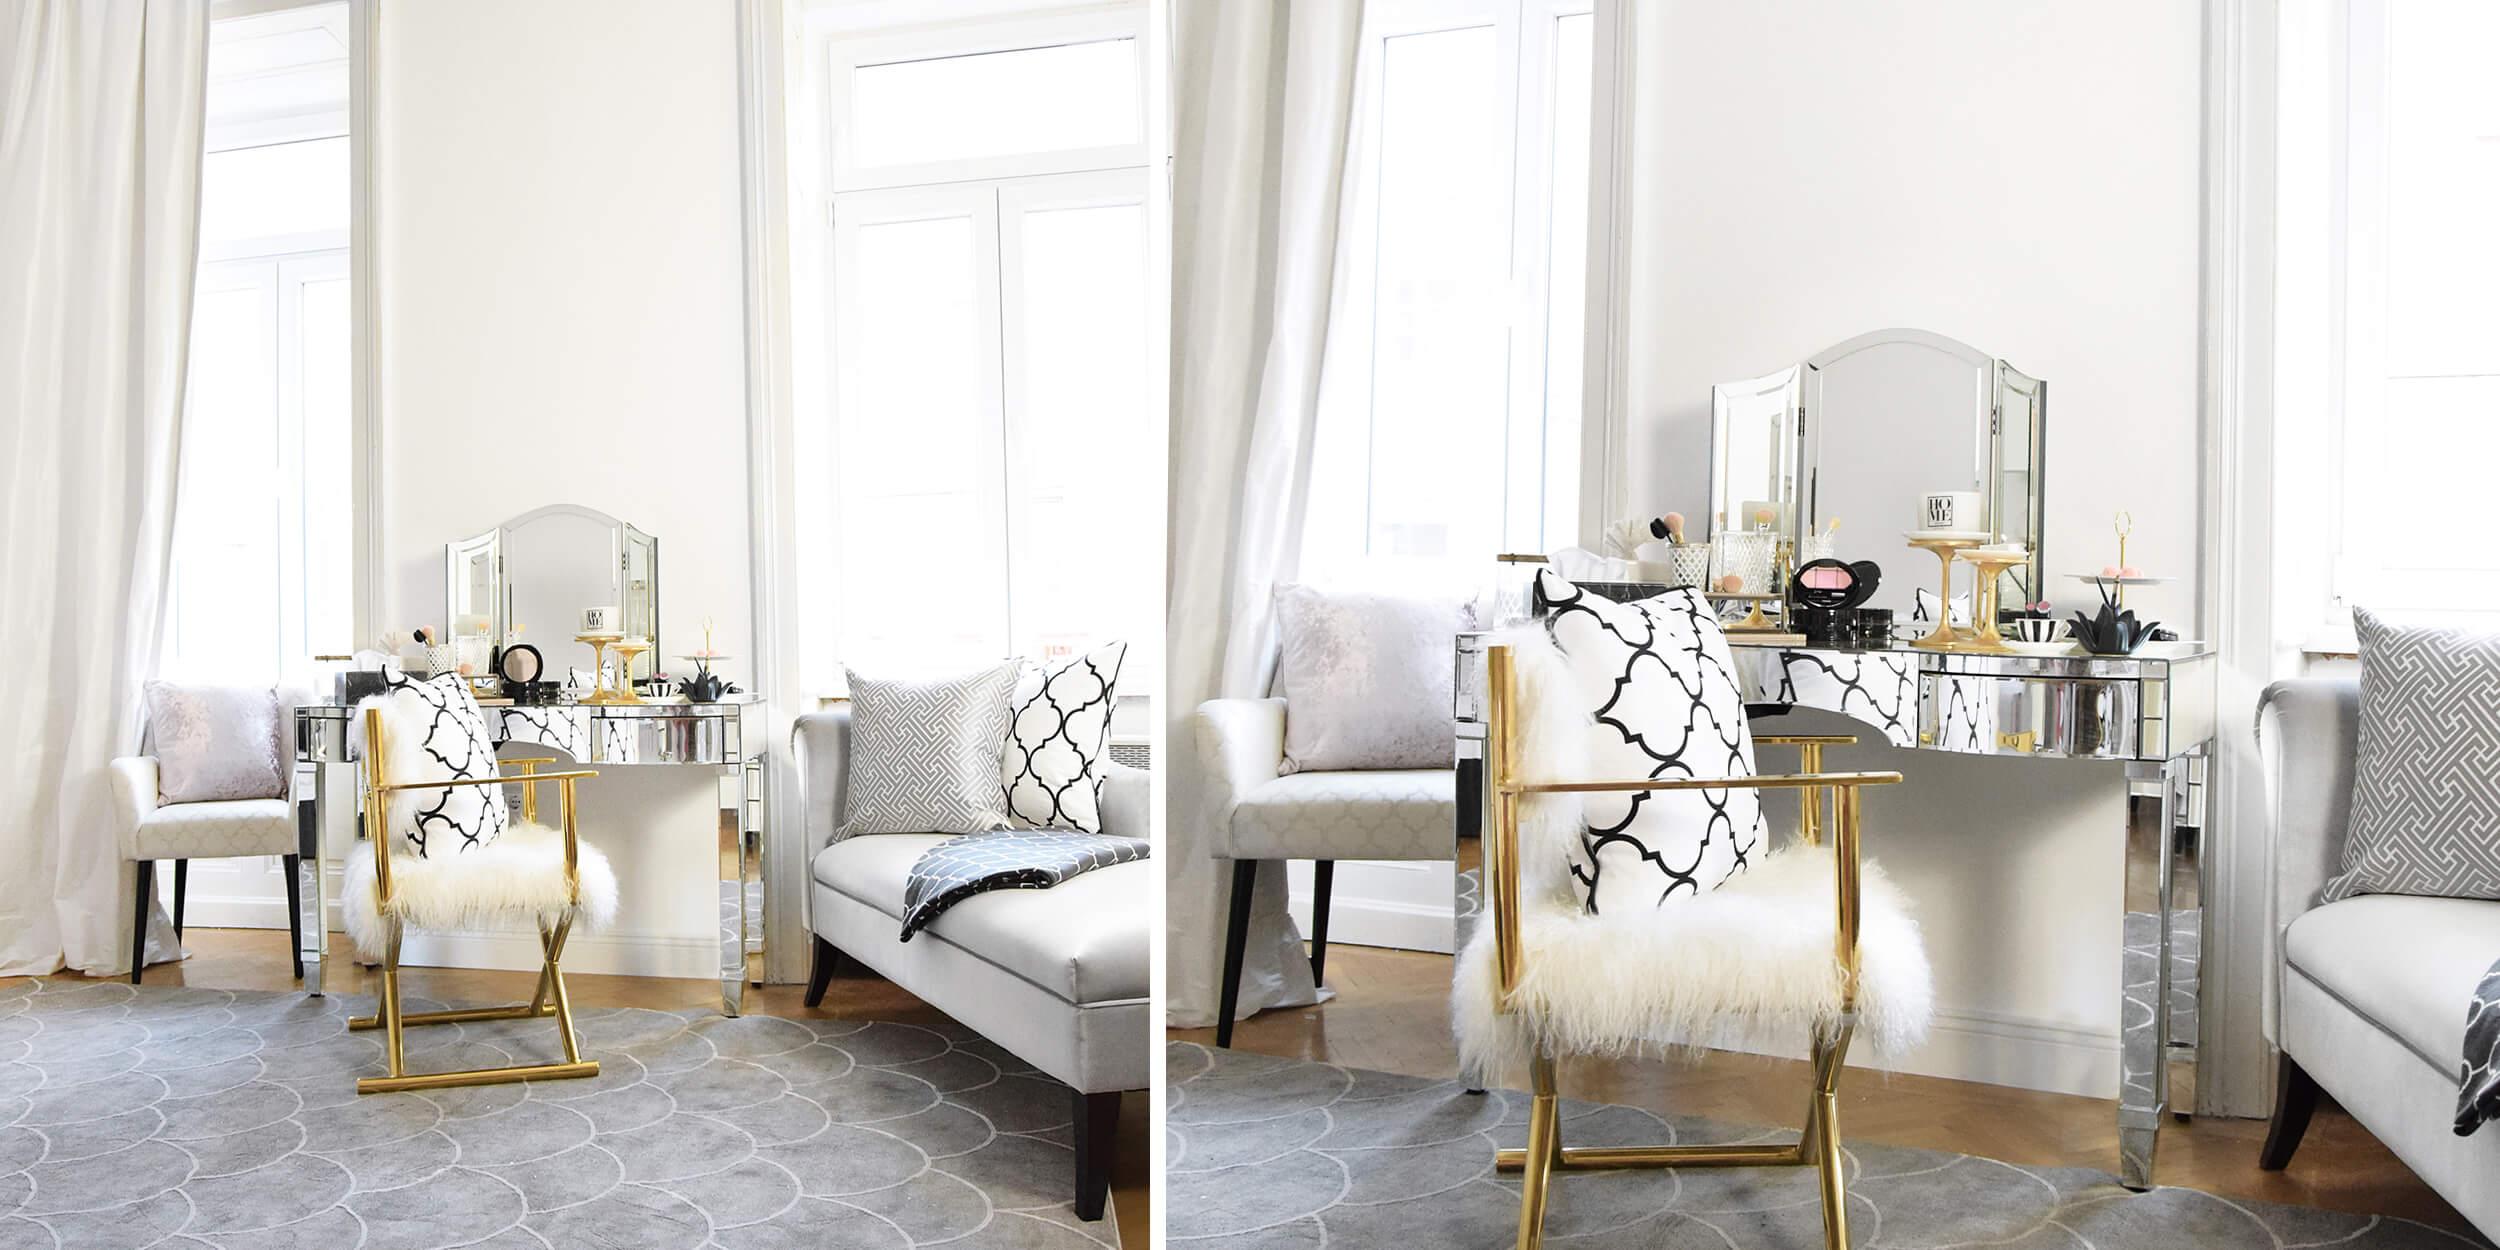 Beauty Corner - verspiegelter Schminktisch & elegante Accessoires